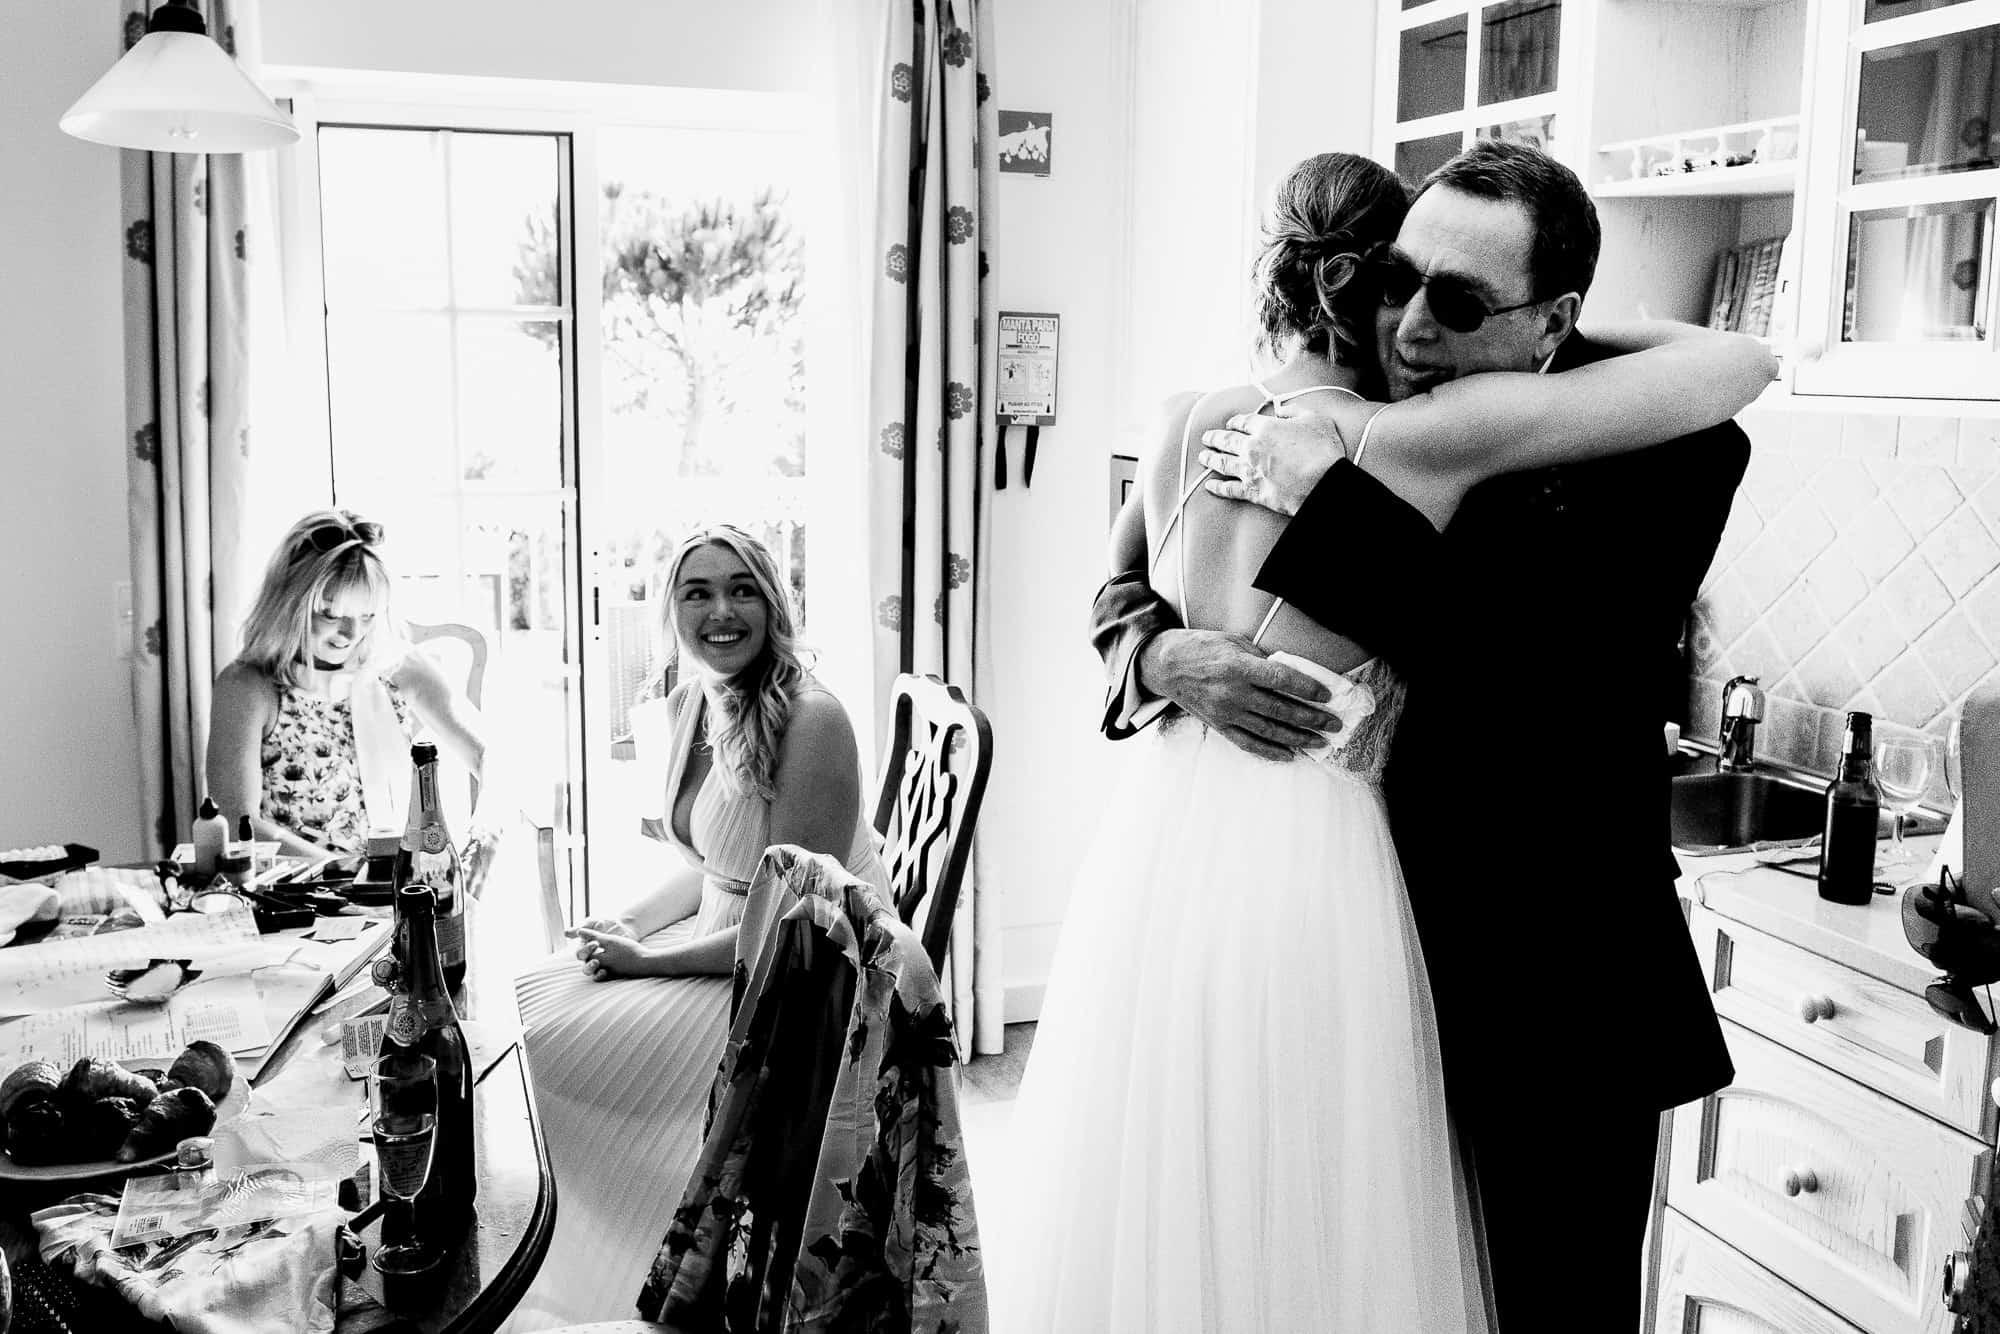 algarve-wedding-photographer-matt-tyler-0022